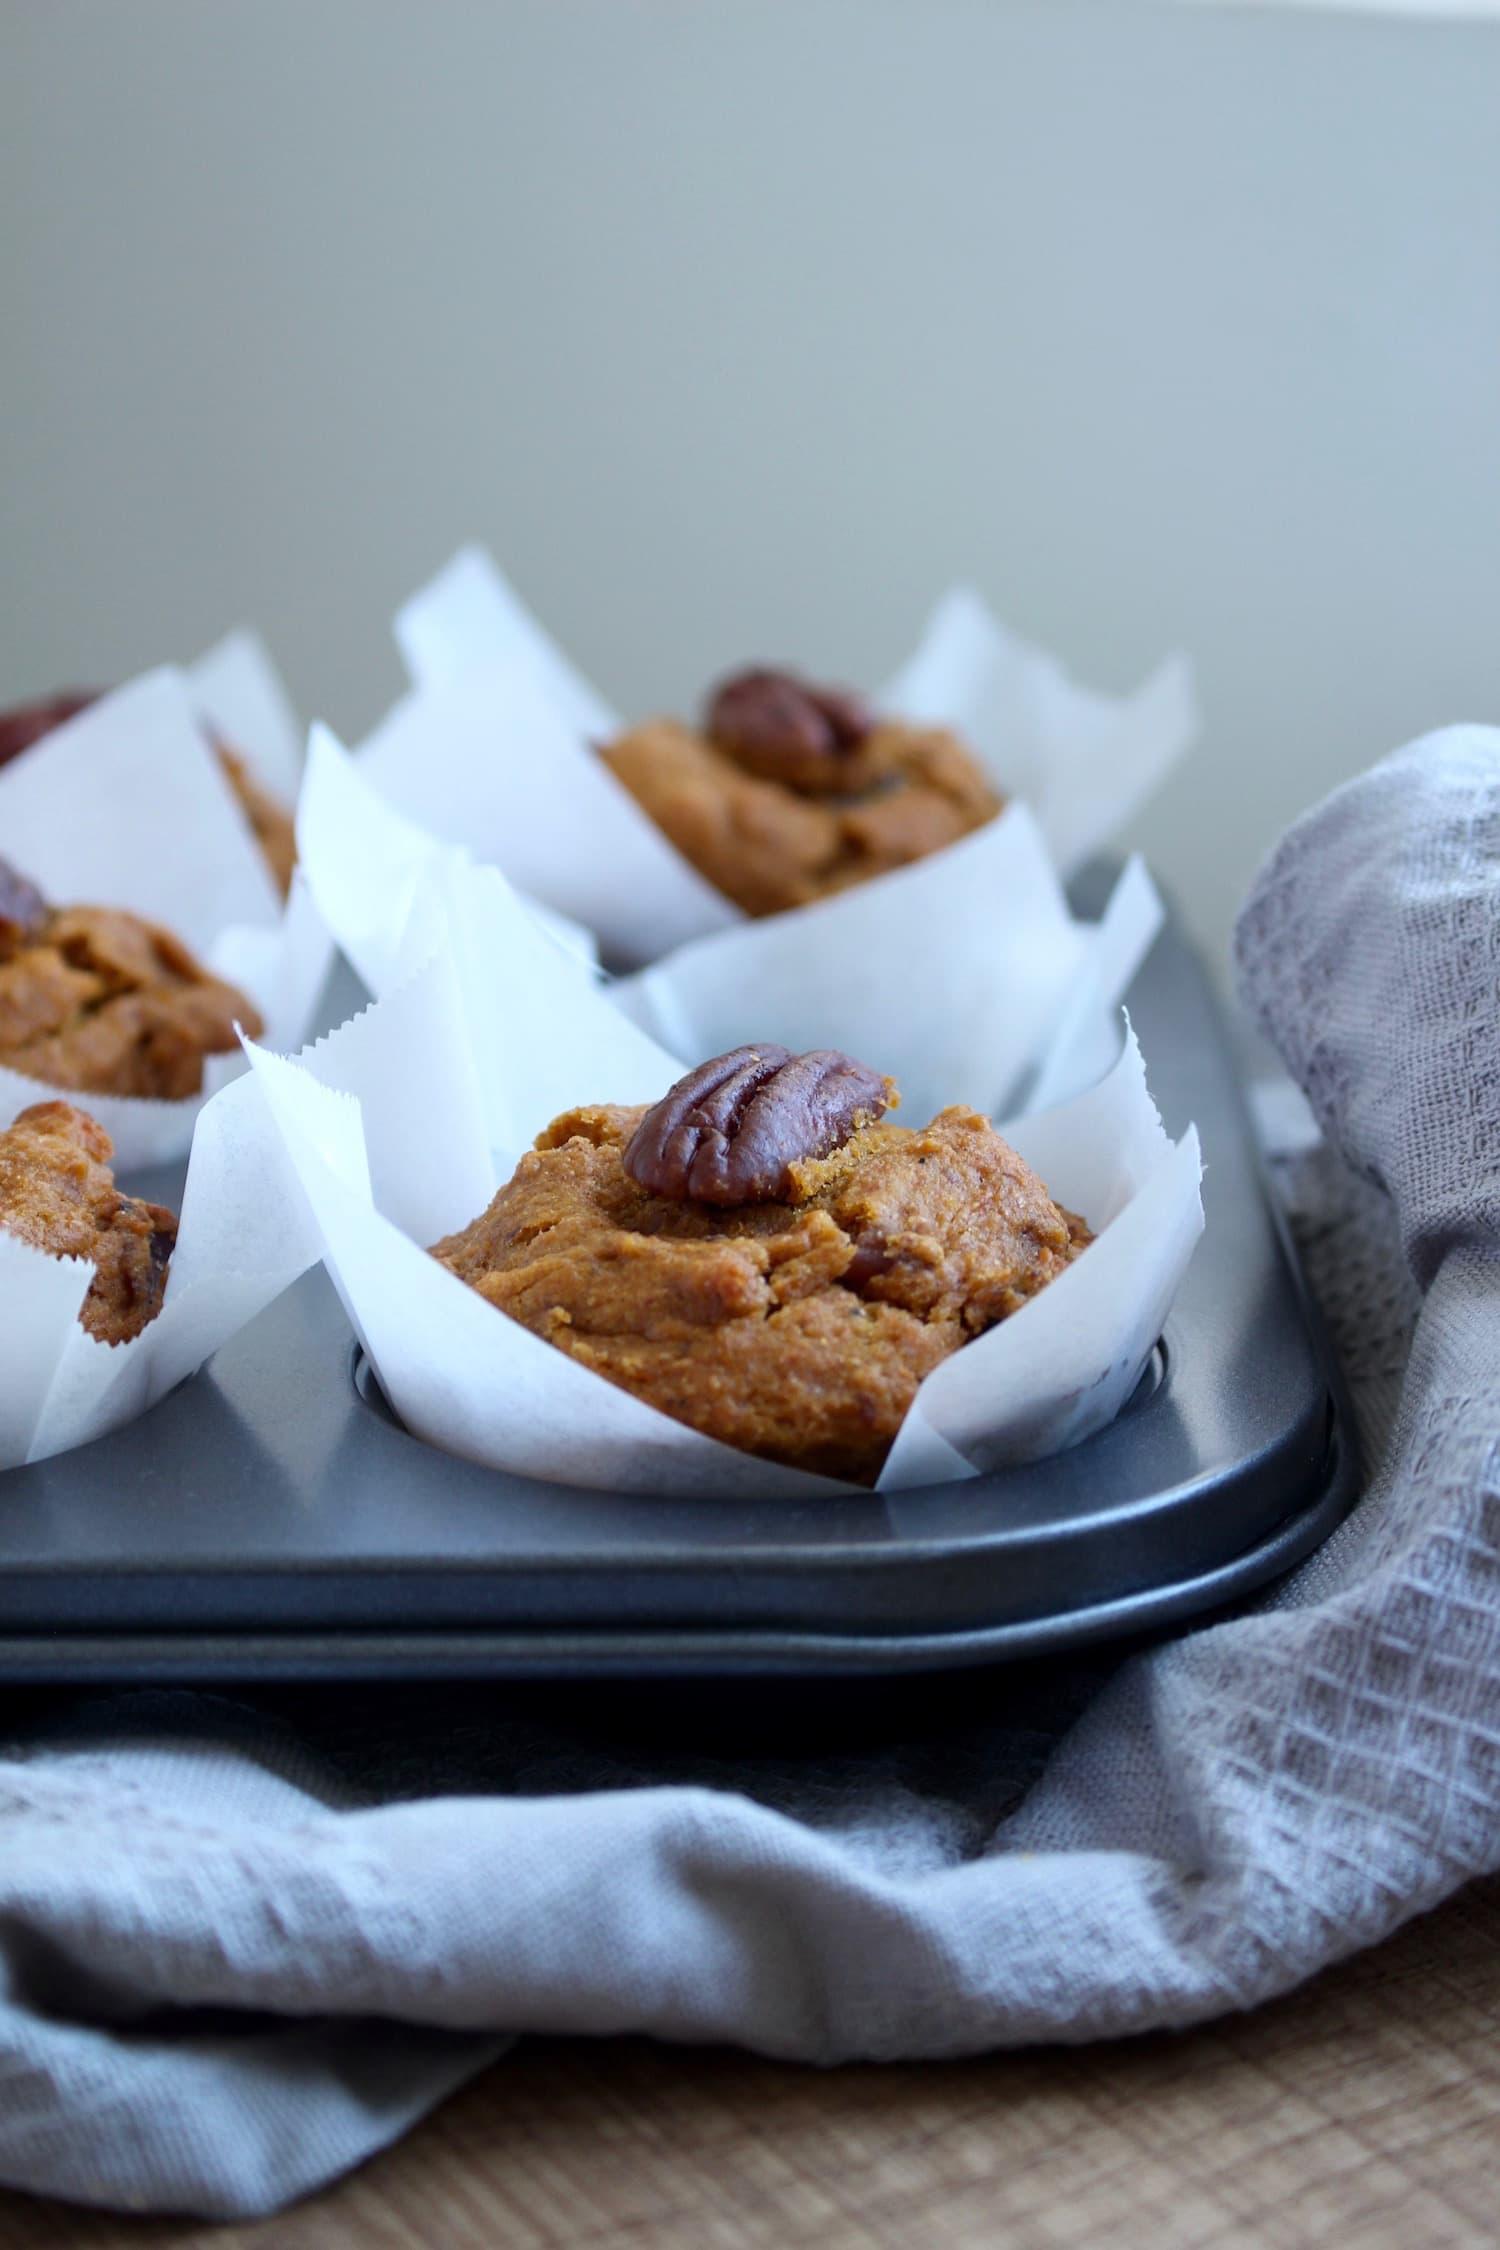 Vegan Pumpkin Pecan Muffins in a muffin pan